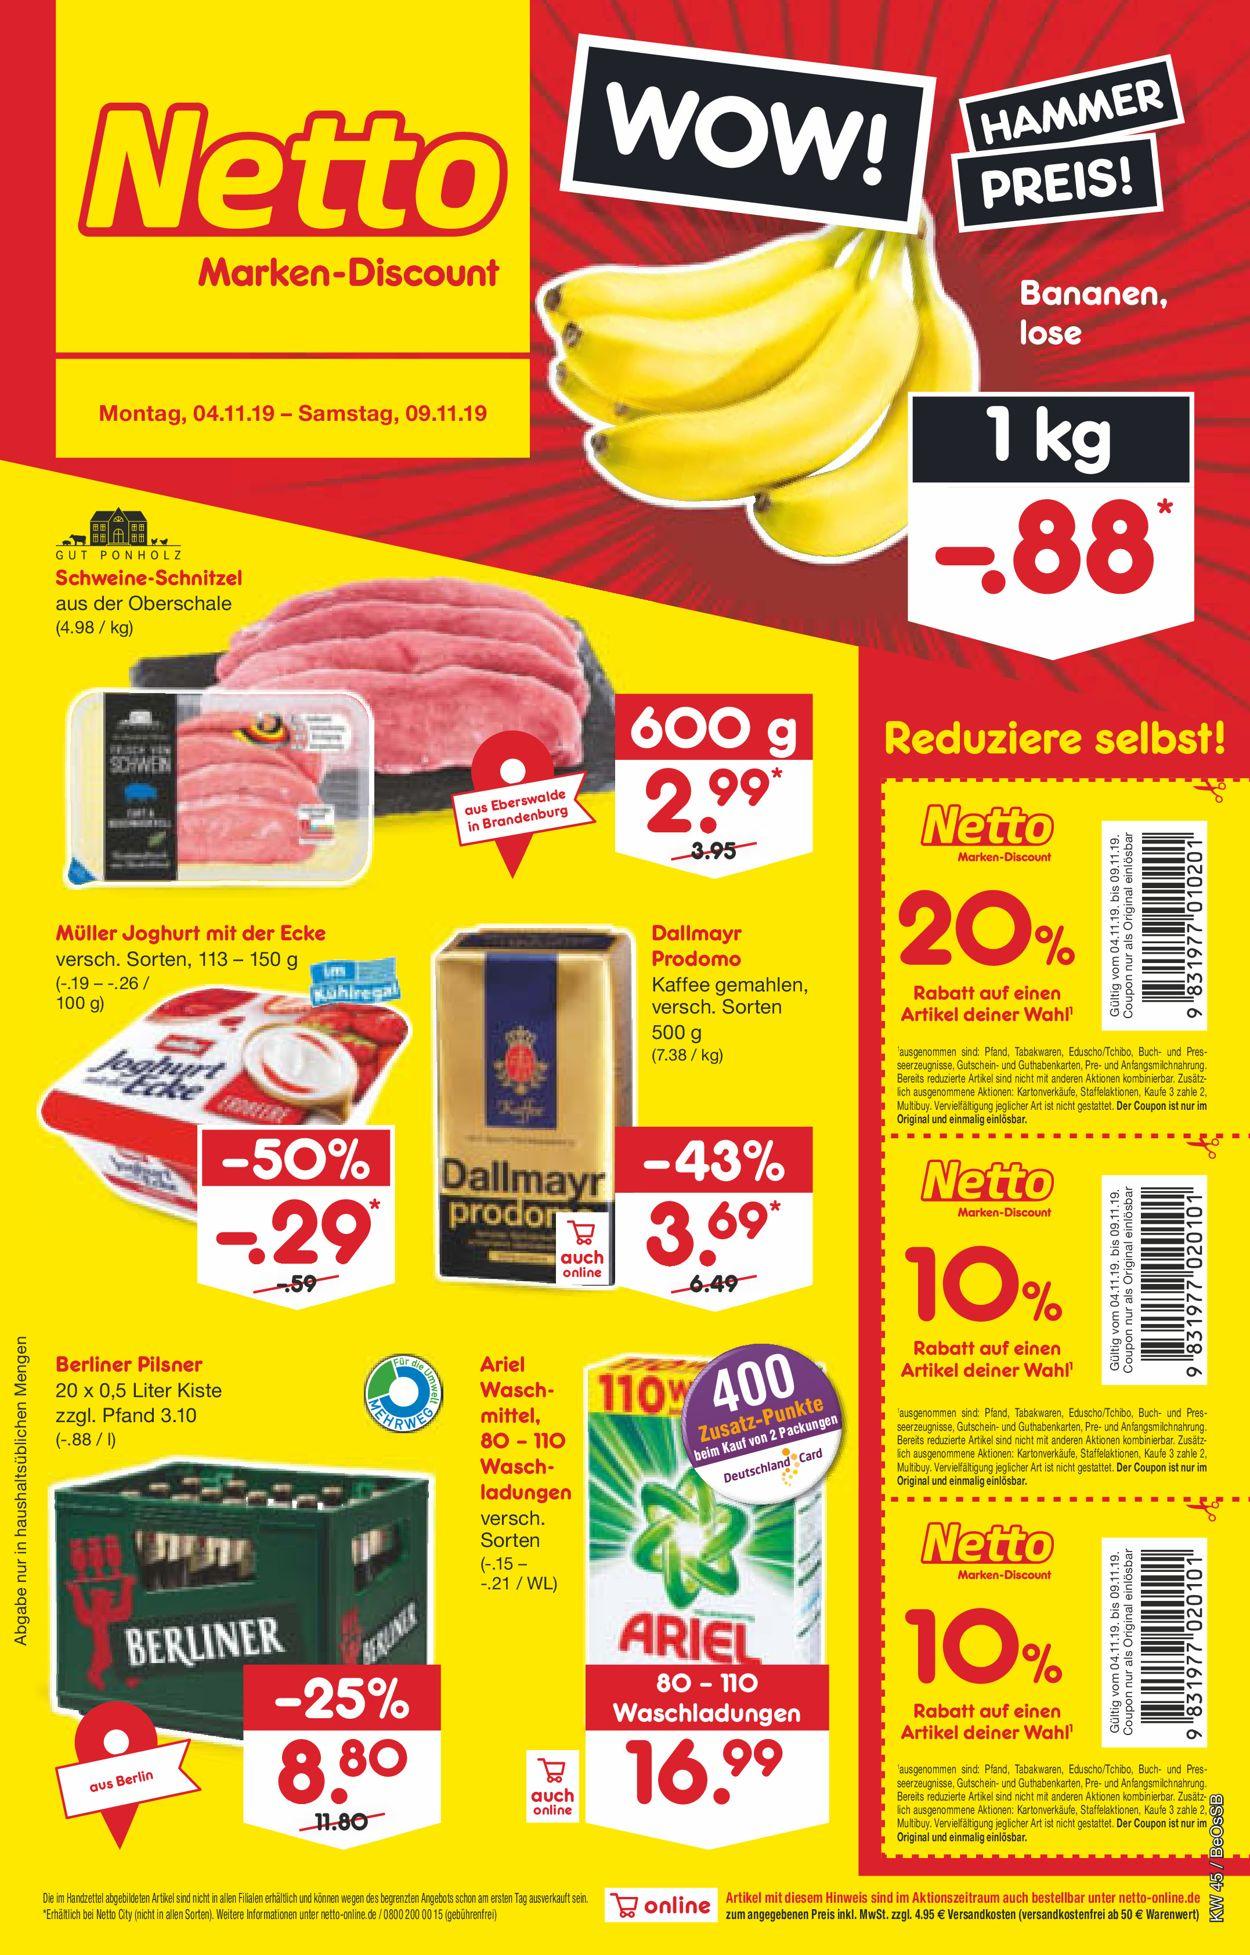 Netto Marken-Discount Prospekt - Aktuell vom 04.11-09.11.2019